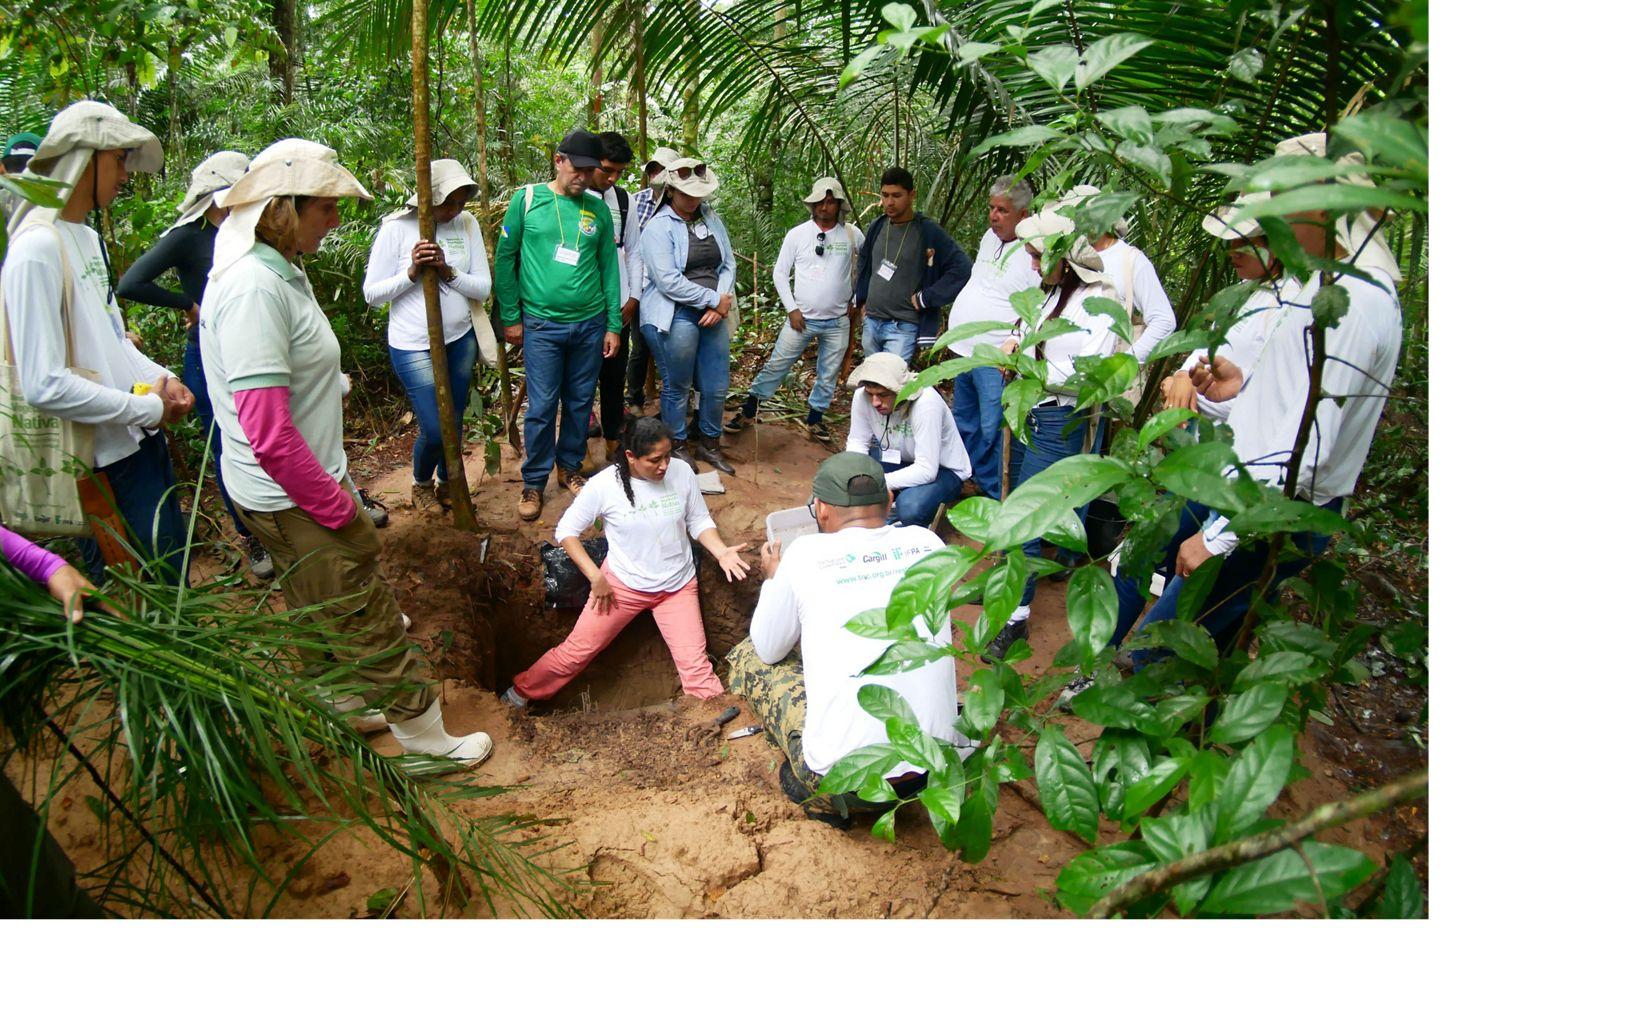 Professora demonstra uma das atividades na Reserva Extrativista Tapajós Arapiuns.